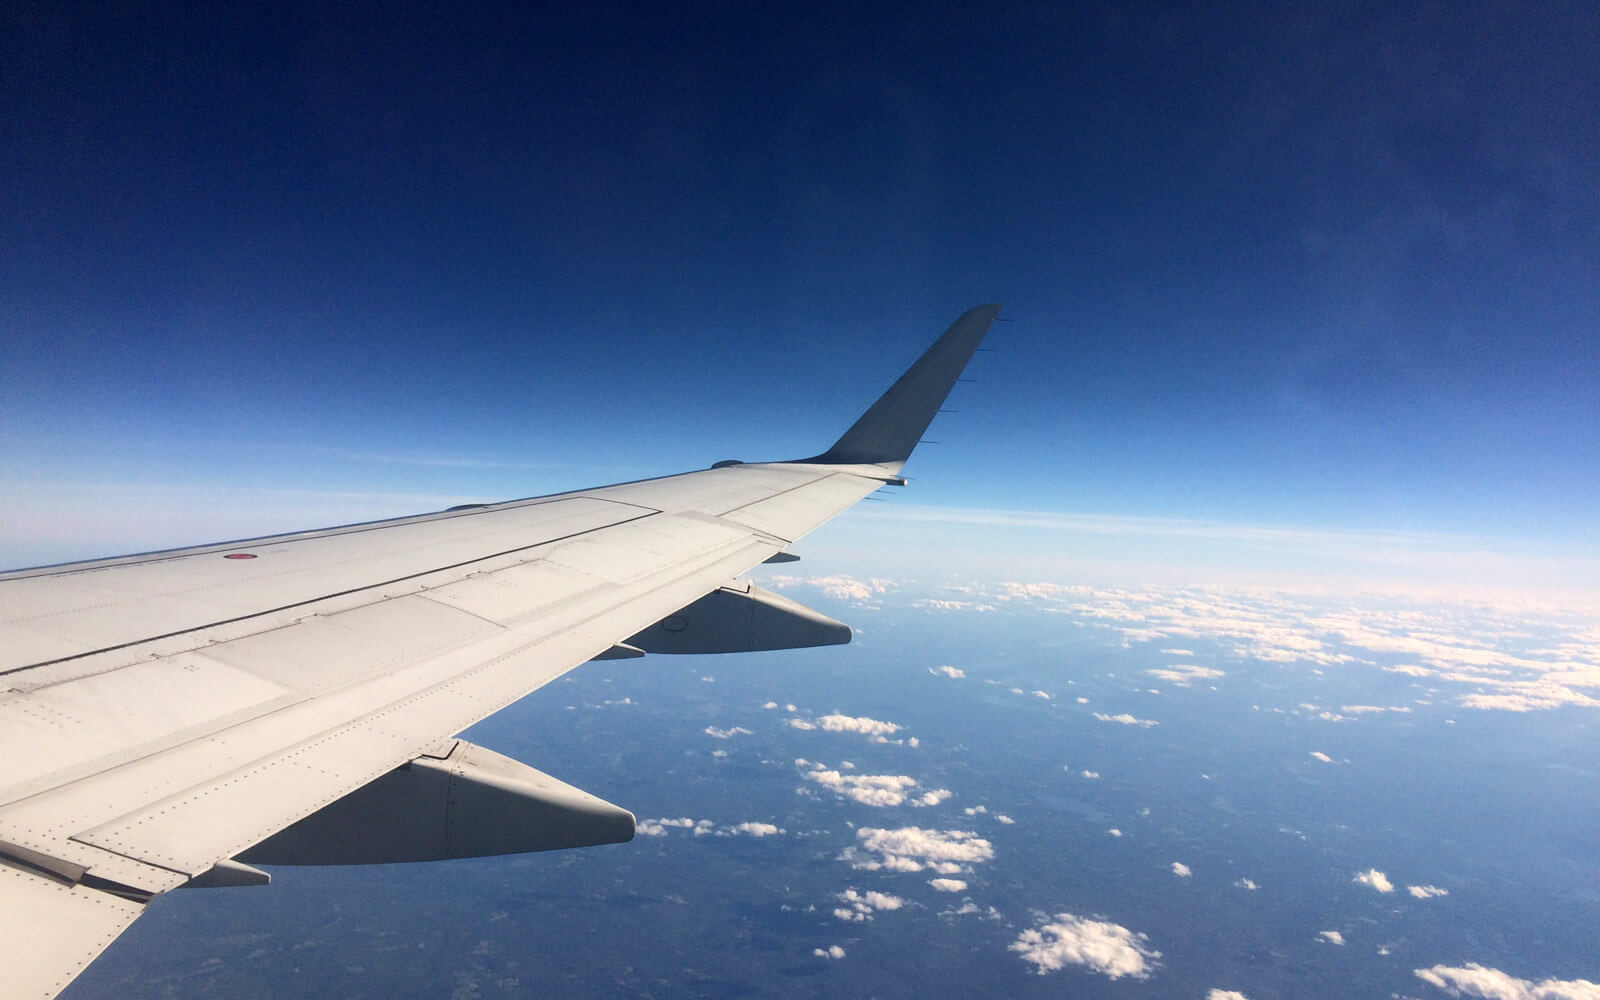 Flugzeug über den Wolken auf dem Weg nach Kanada